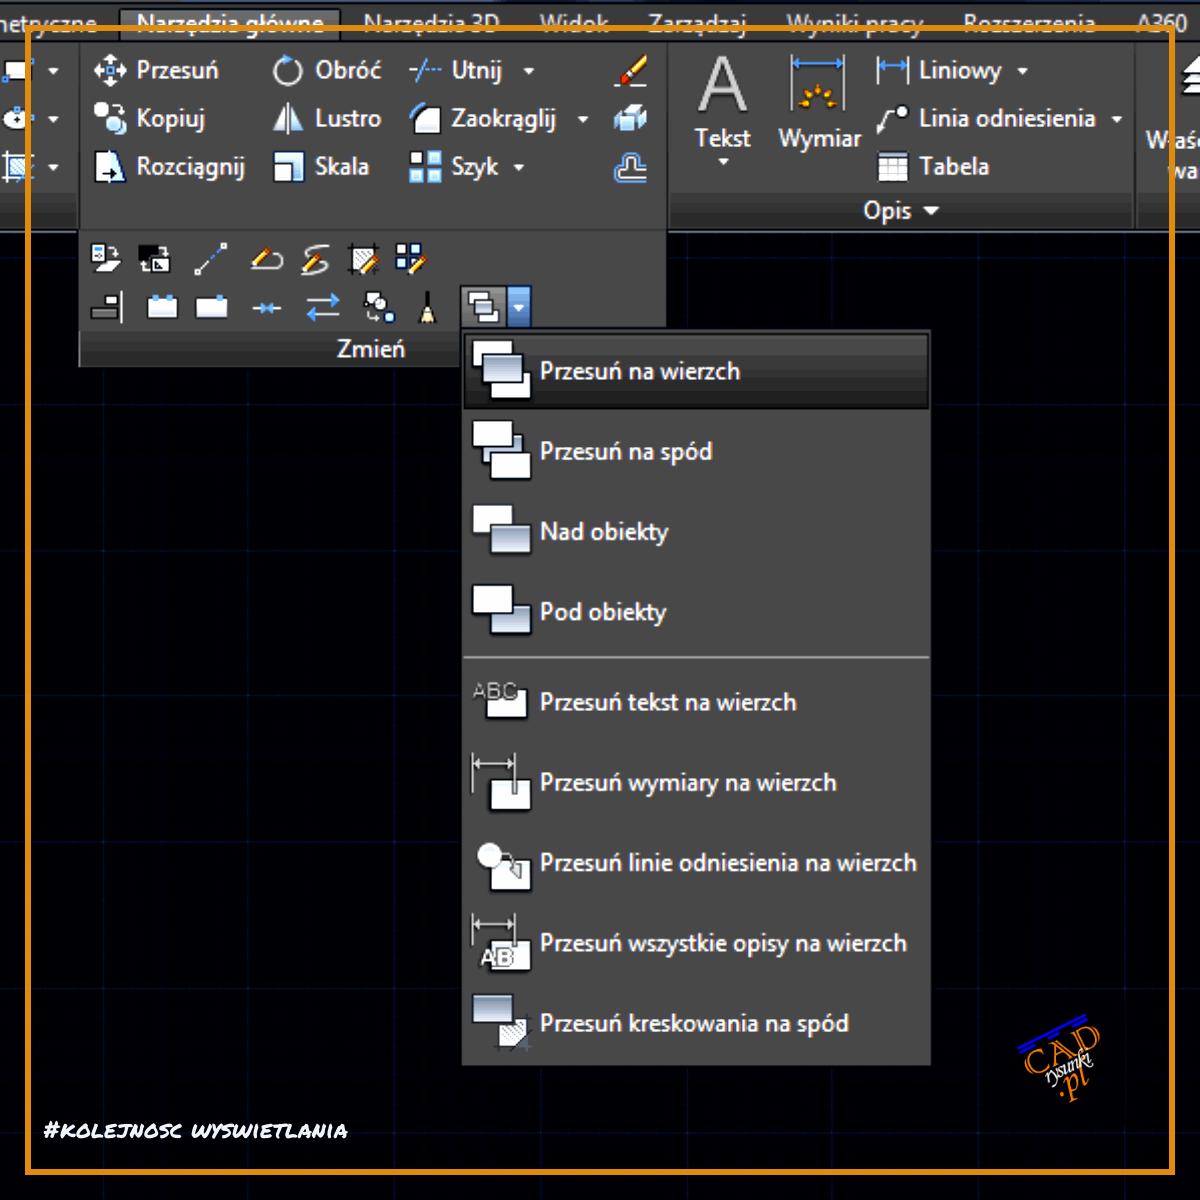 Okno wyboru opcji do nakładania się obiektów. Polecenie tekstnawierzch w programach typu cad.